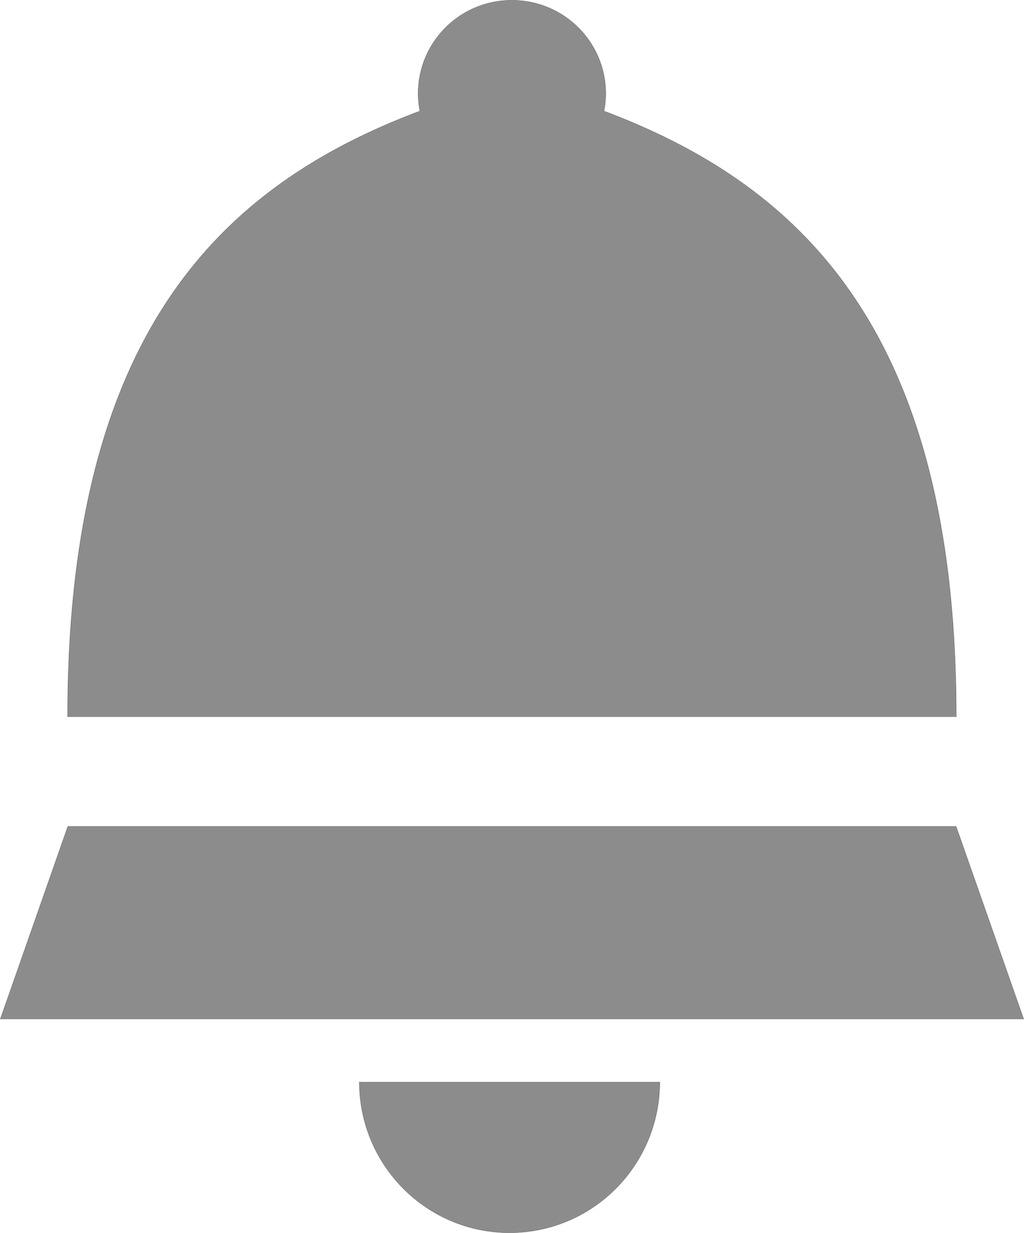 钟的铭文图标免费下载 钟的铭文图标 矢量图 其他矢量图